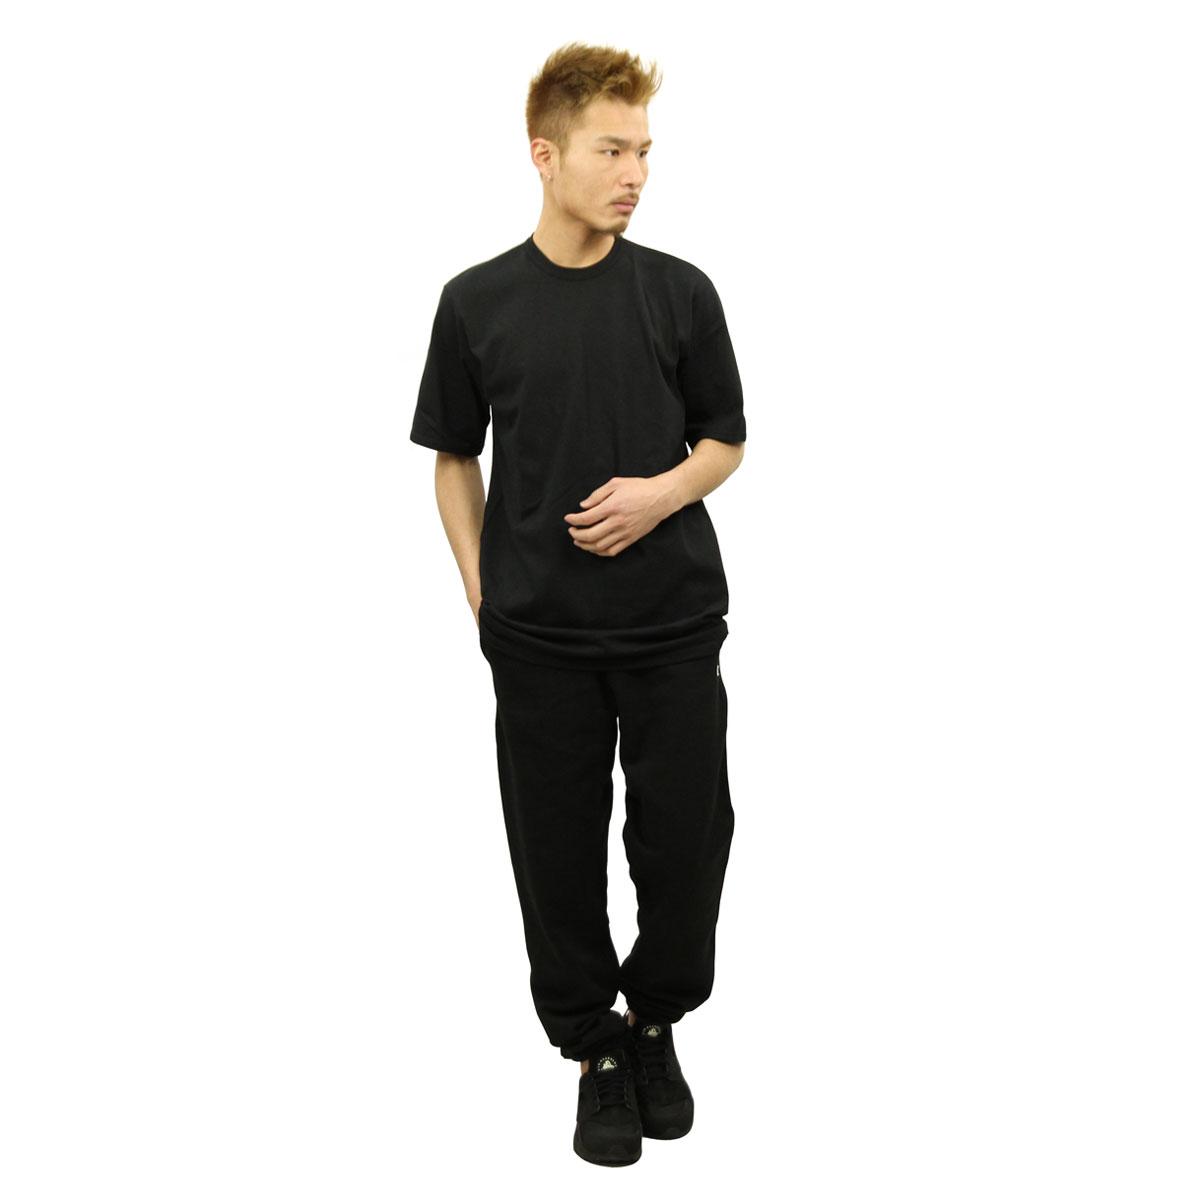 チャンピオン CHAMPION 正規品 メンズ ハーフパンツ SWEAT HALF PANTS P4971 Reverse Weave Pant w/ pockets 003-BLACK